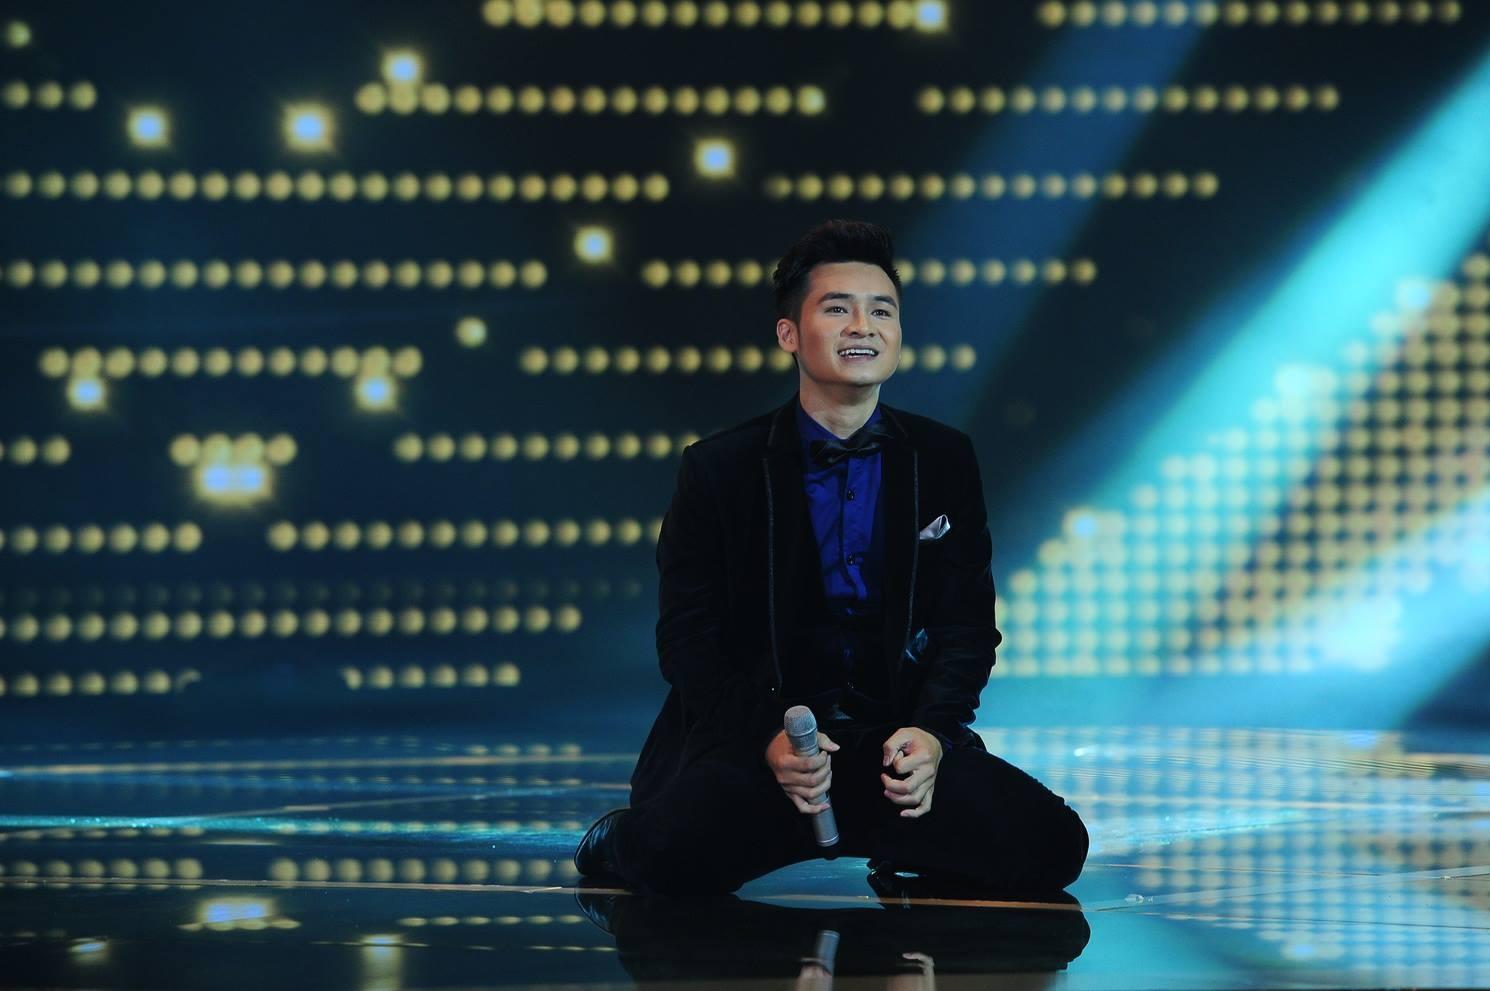 Vũ Hà Anh - bạn trai Dương Hoàng Yến thể hiện ca khúc Volare